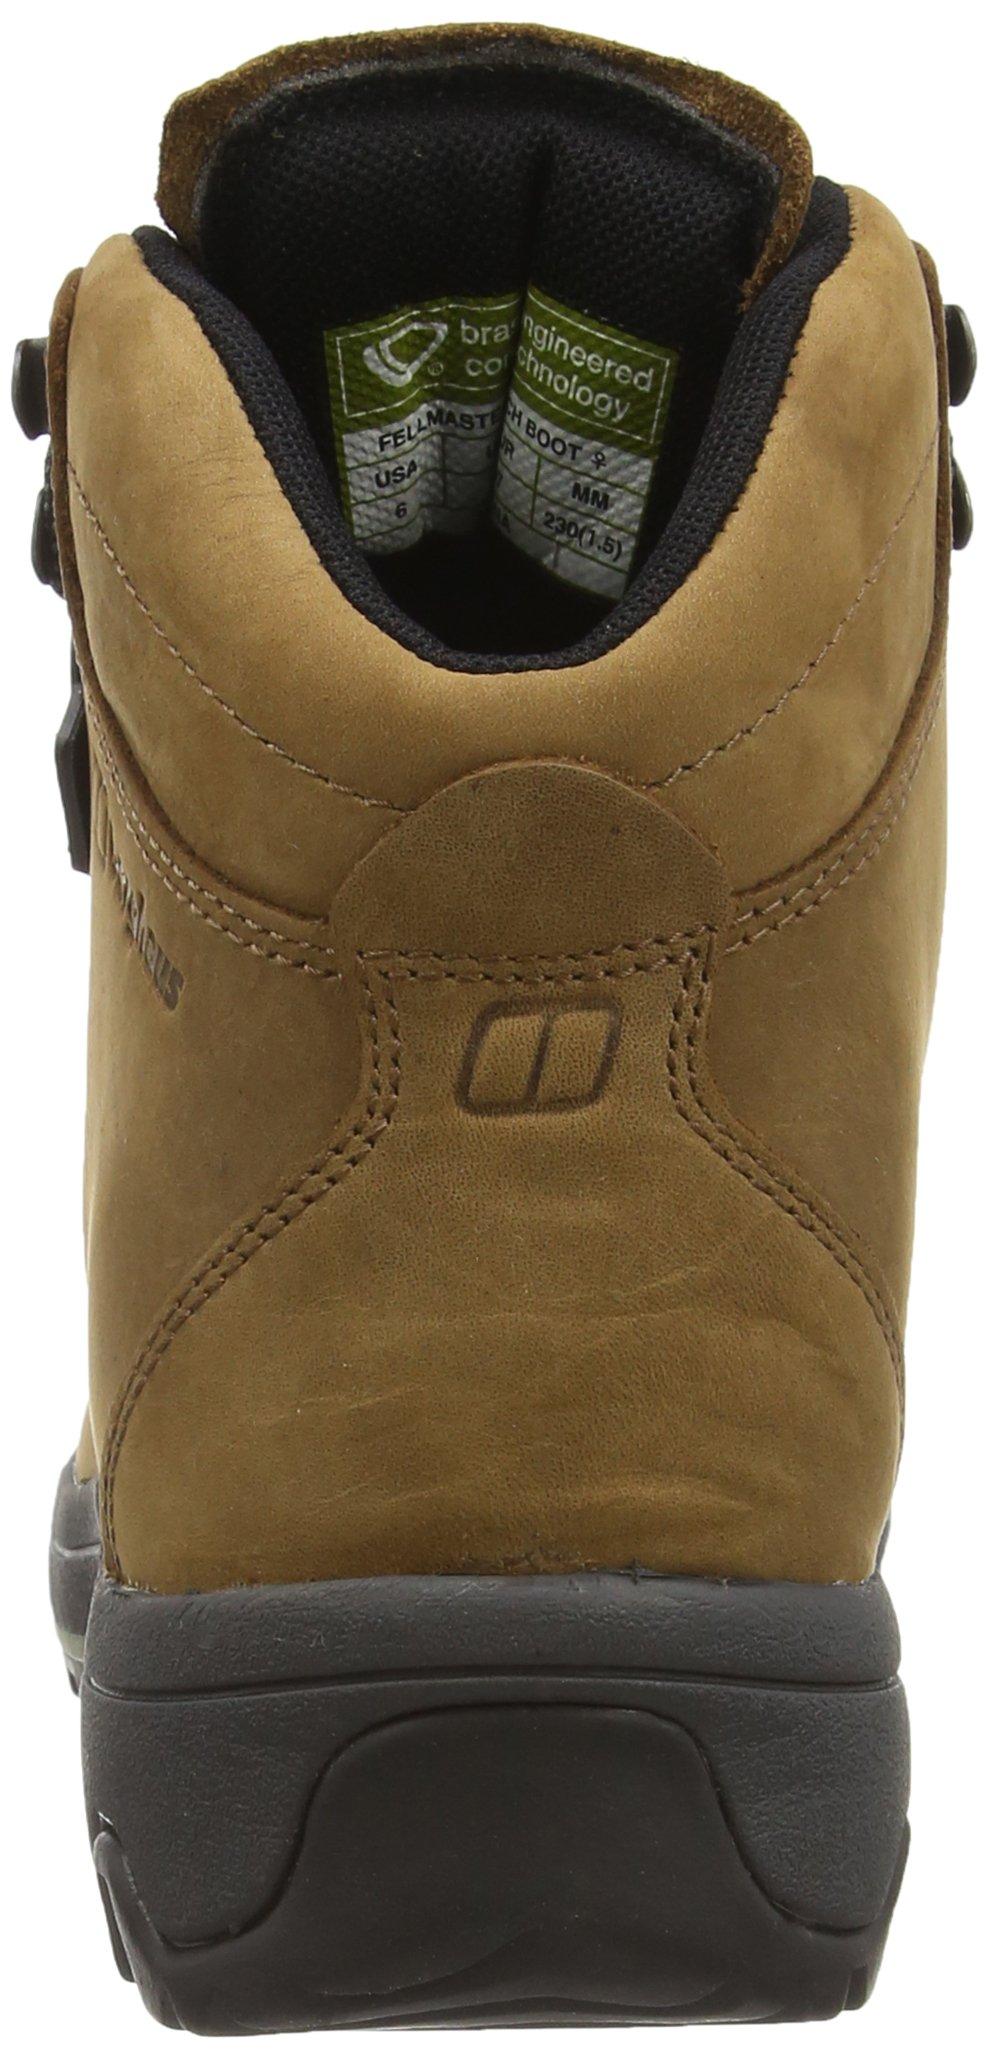 Berghaus Women's Fellmaster Gore-Tex Walking Boots 2